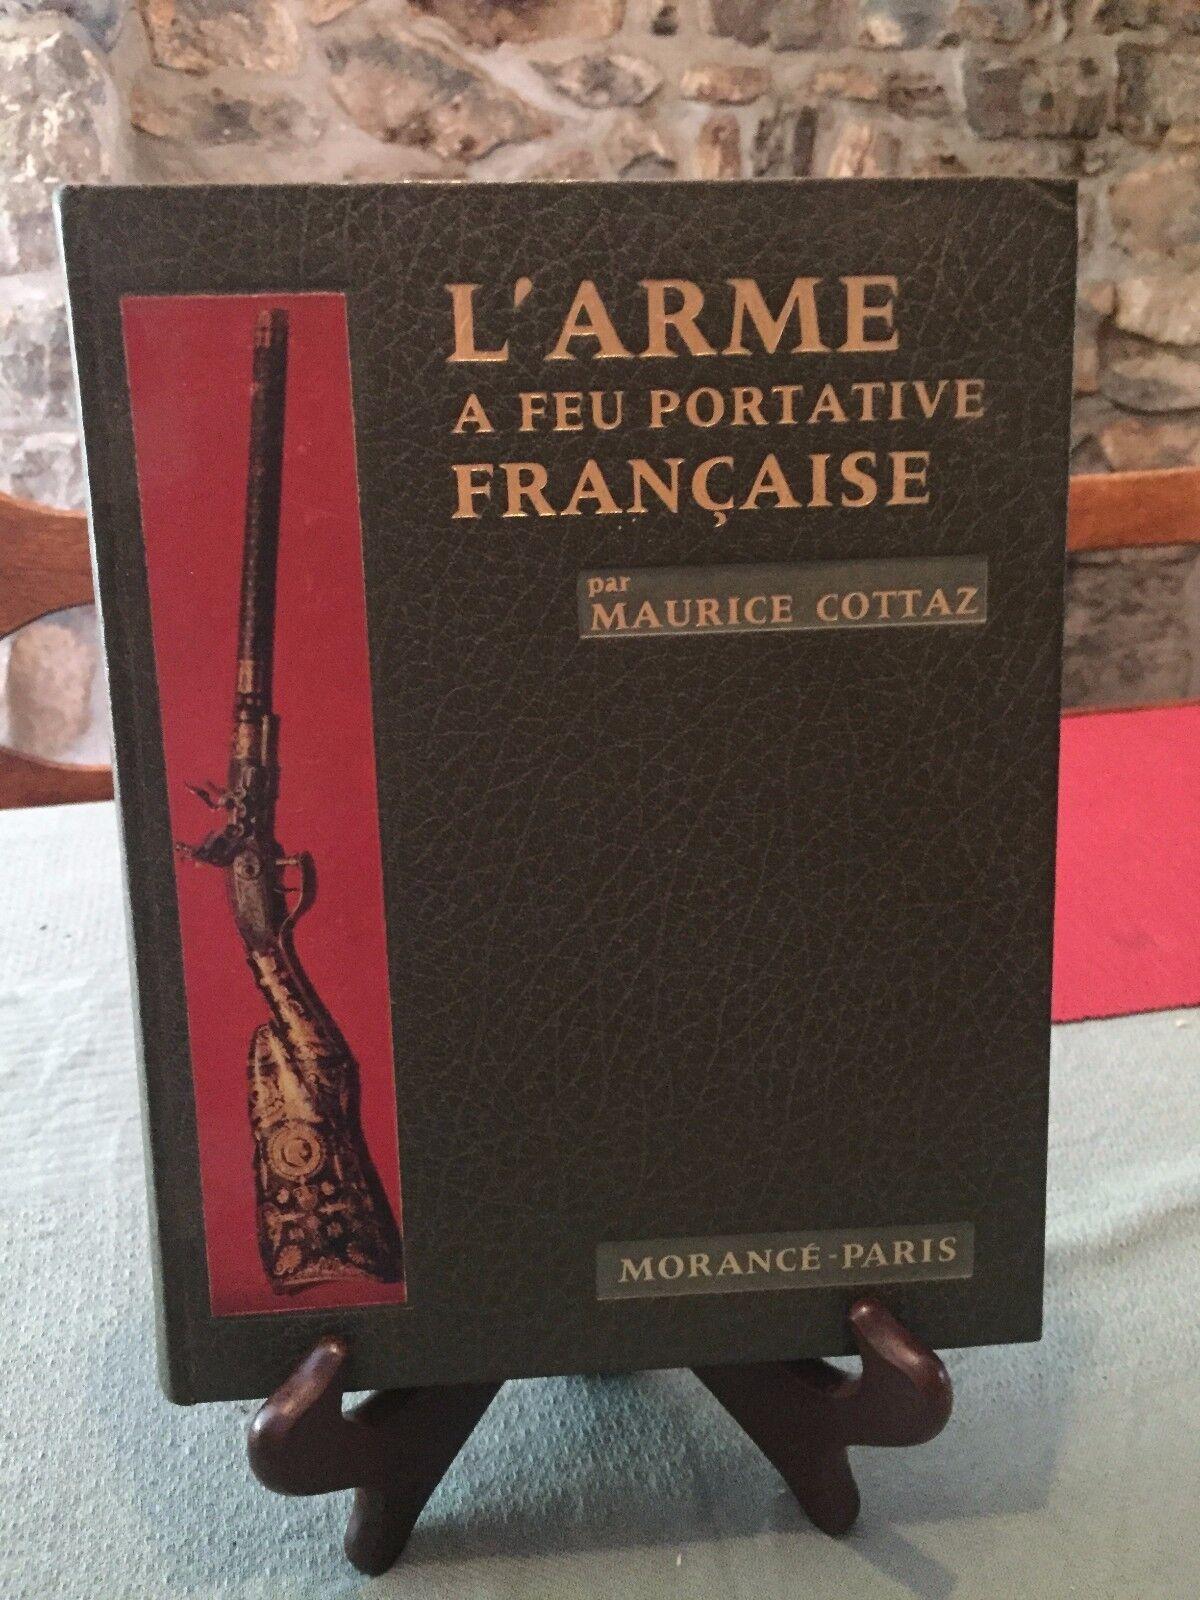 L'arme à feu portative française - Maurice Cottaz - Morancé-Paris - B7